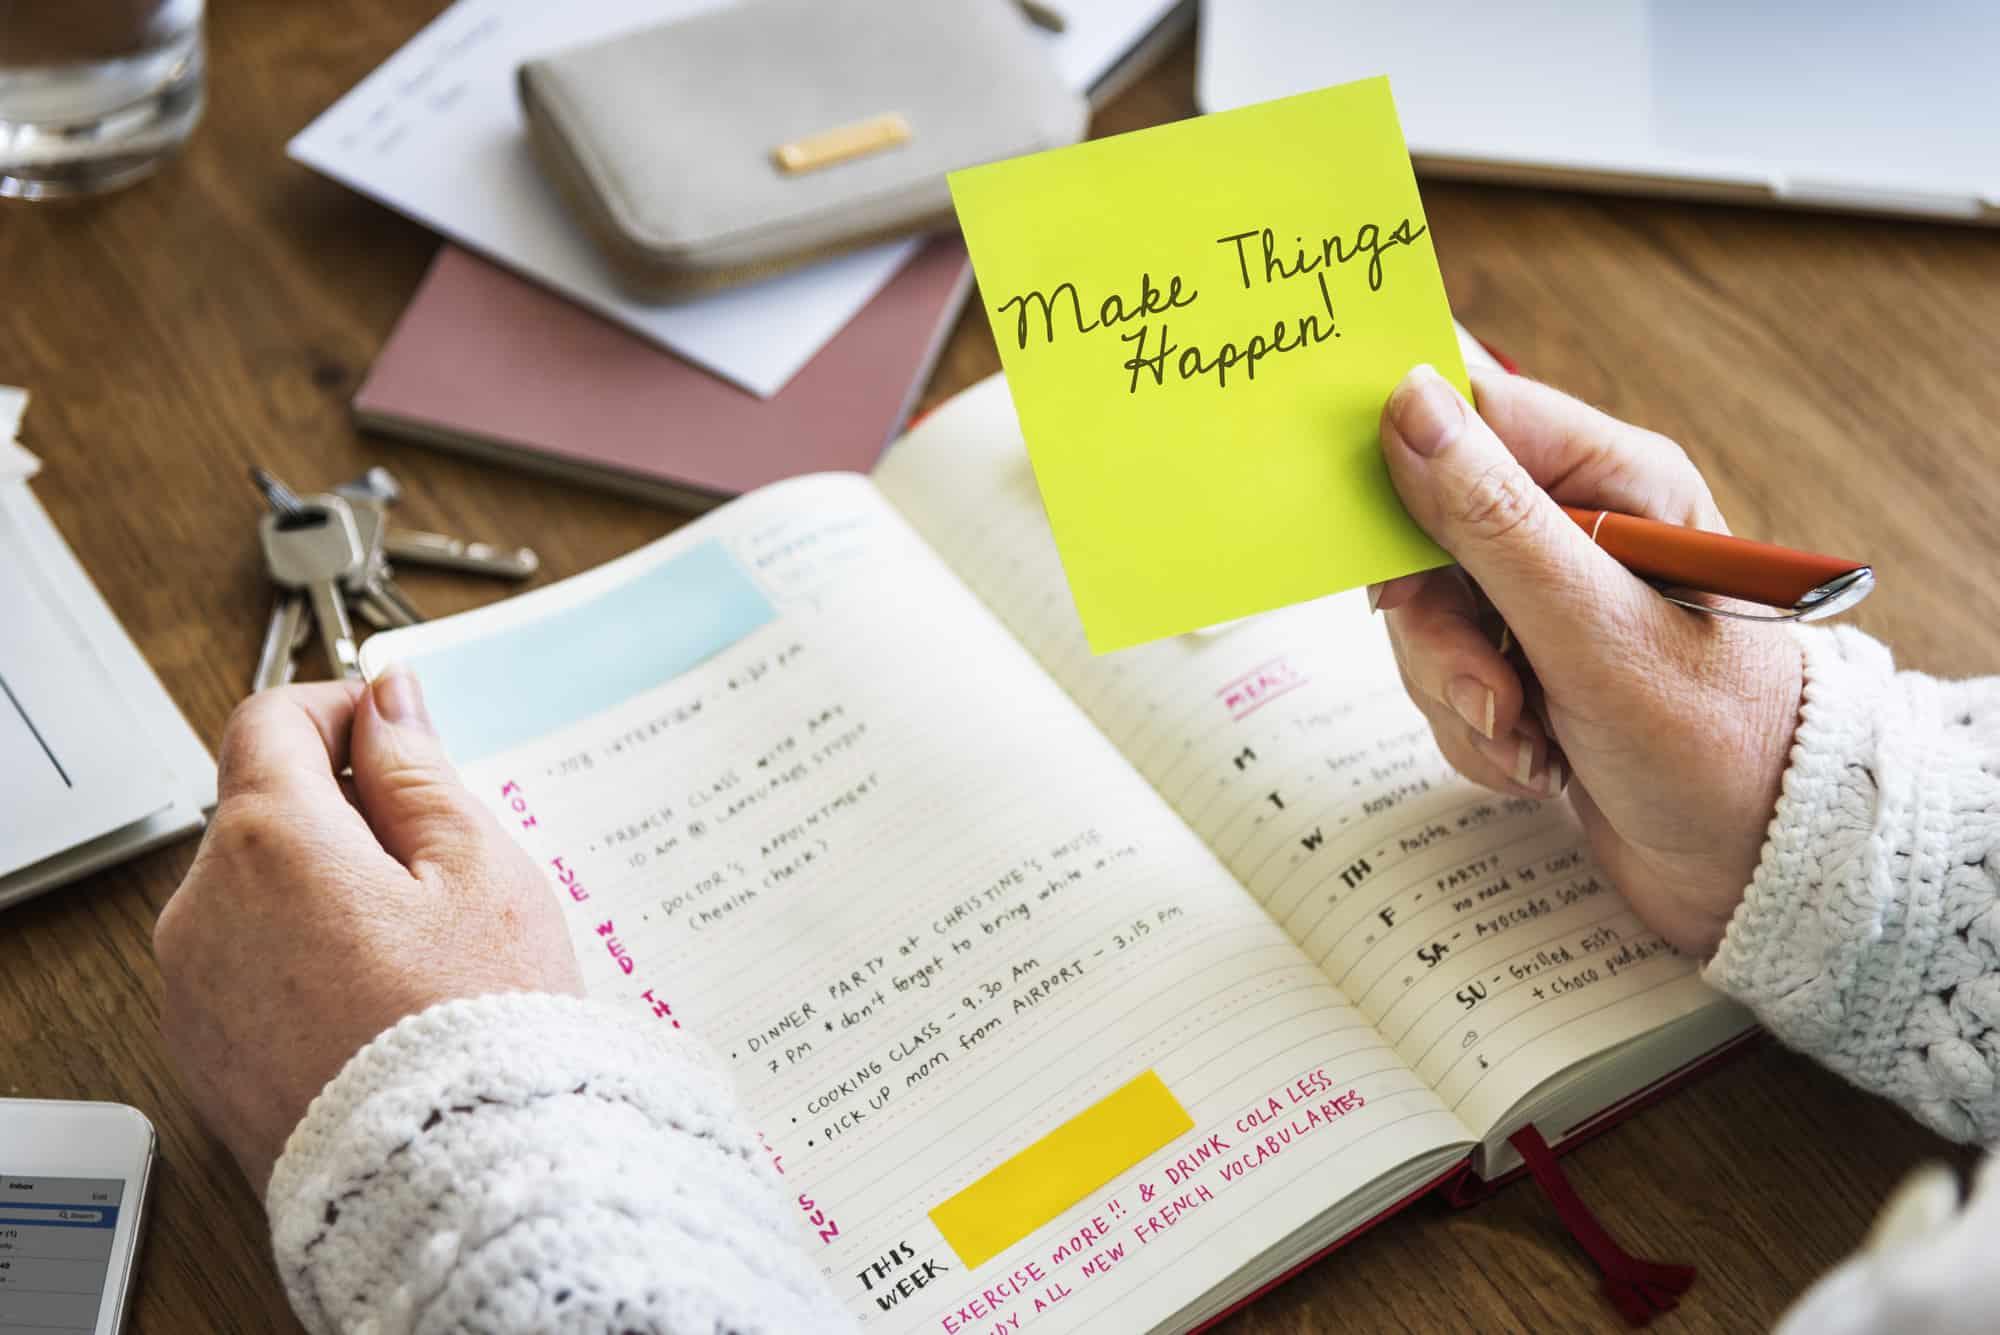 list of activities in planner